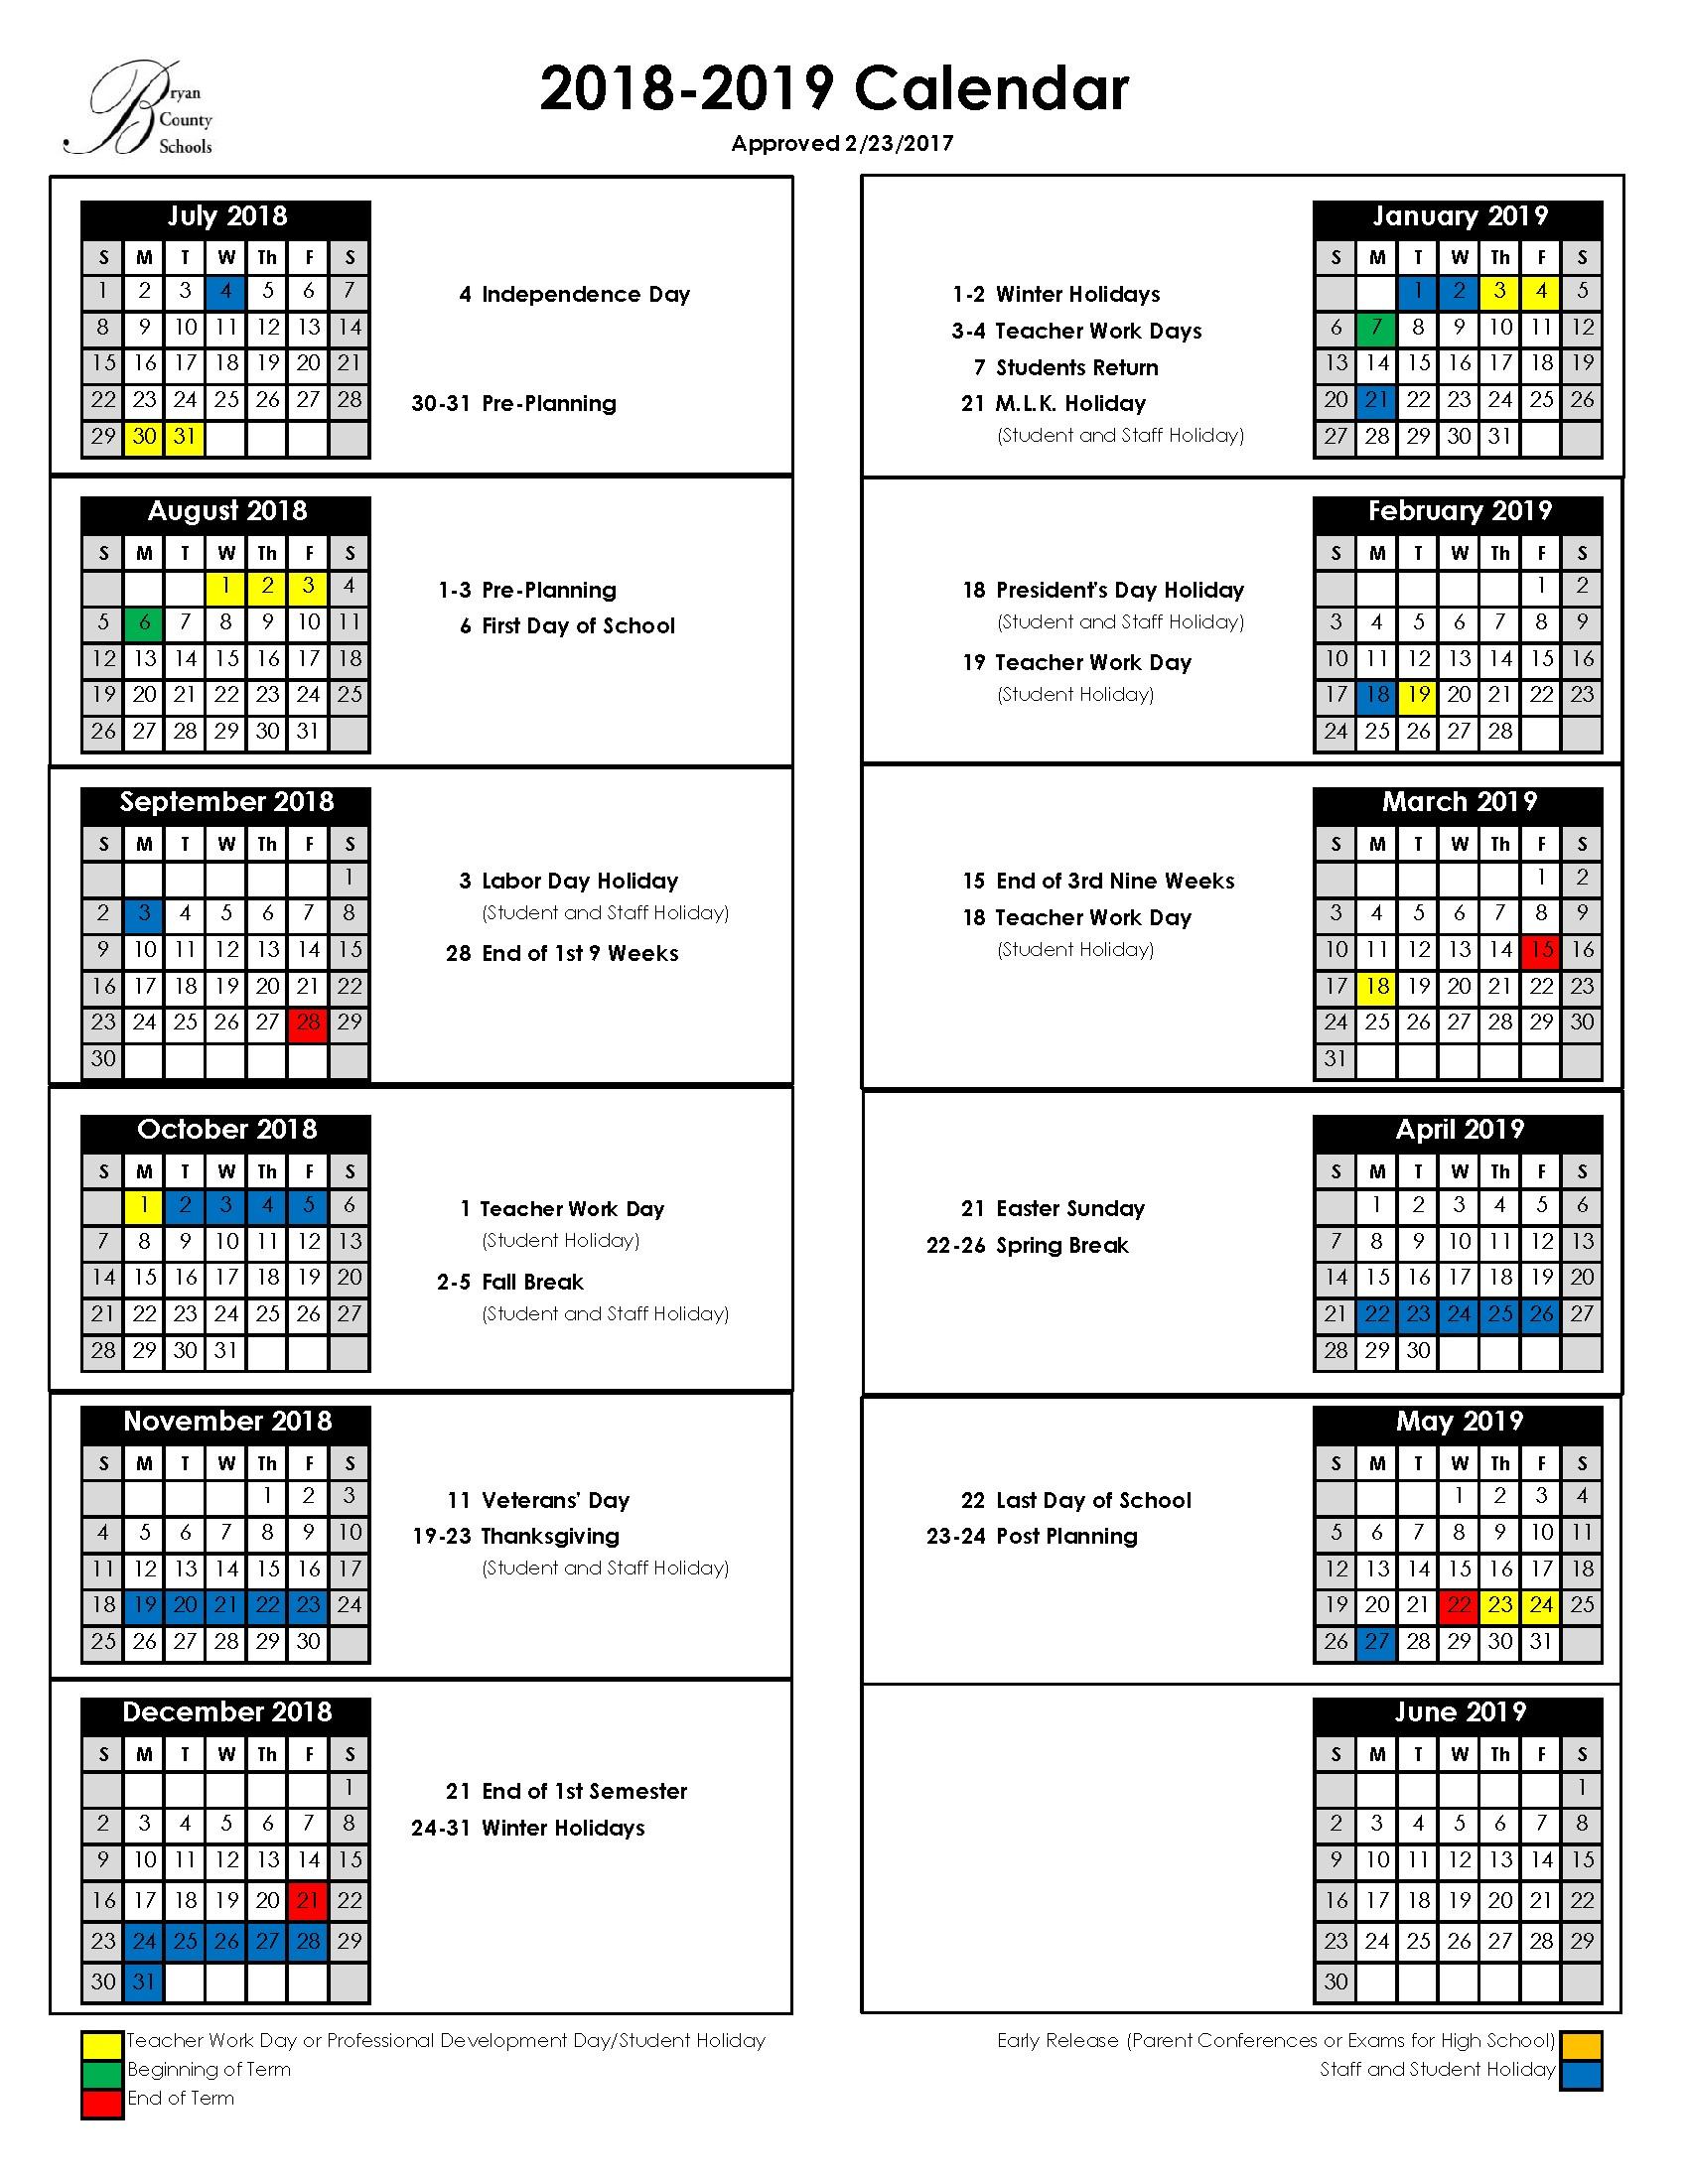 Calendario Escolar 2019 Word Más Recientes Bryan County Schools